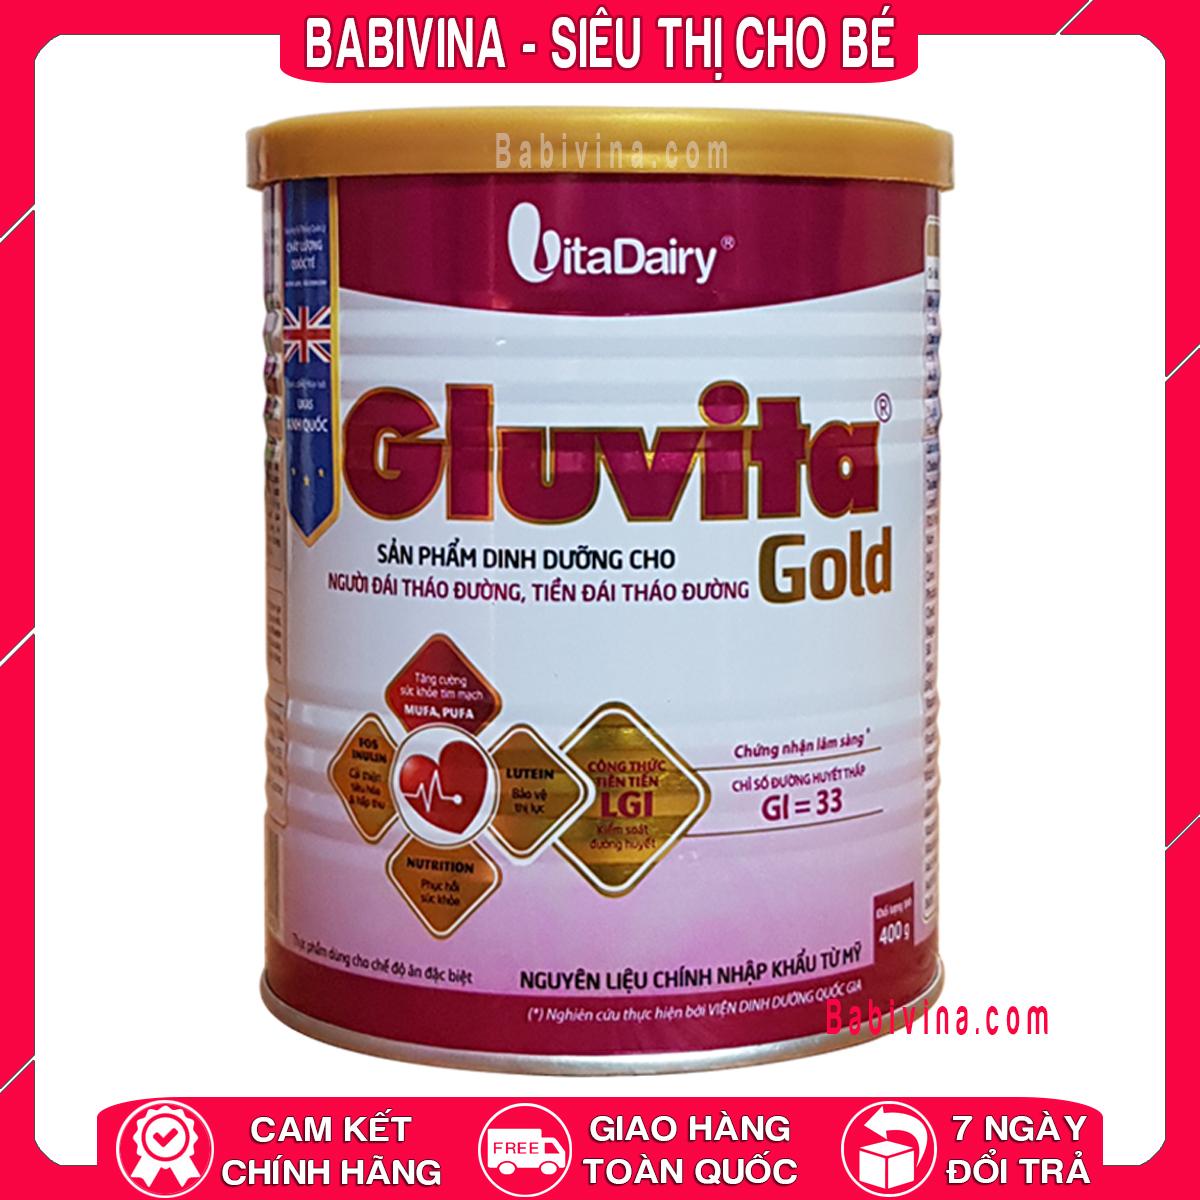 [LẺ GIÁ SỈ] Sữa Bột Gluvita Gold 400G Dành Cho Người Bệnh Tiểu Đường